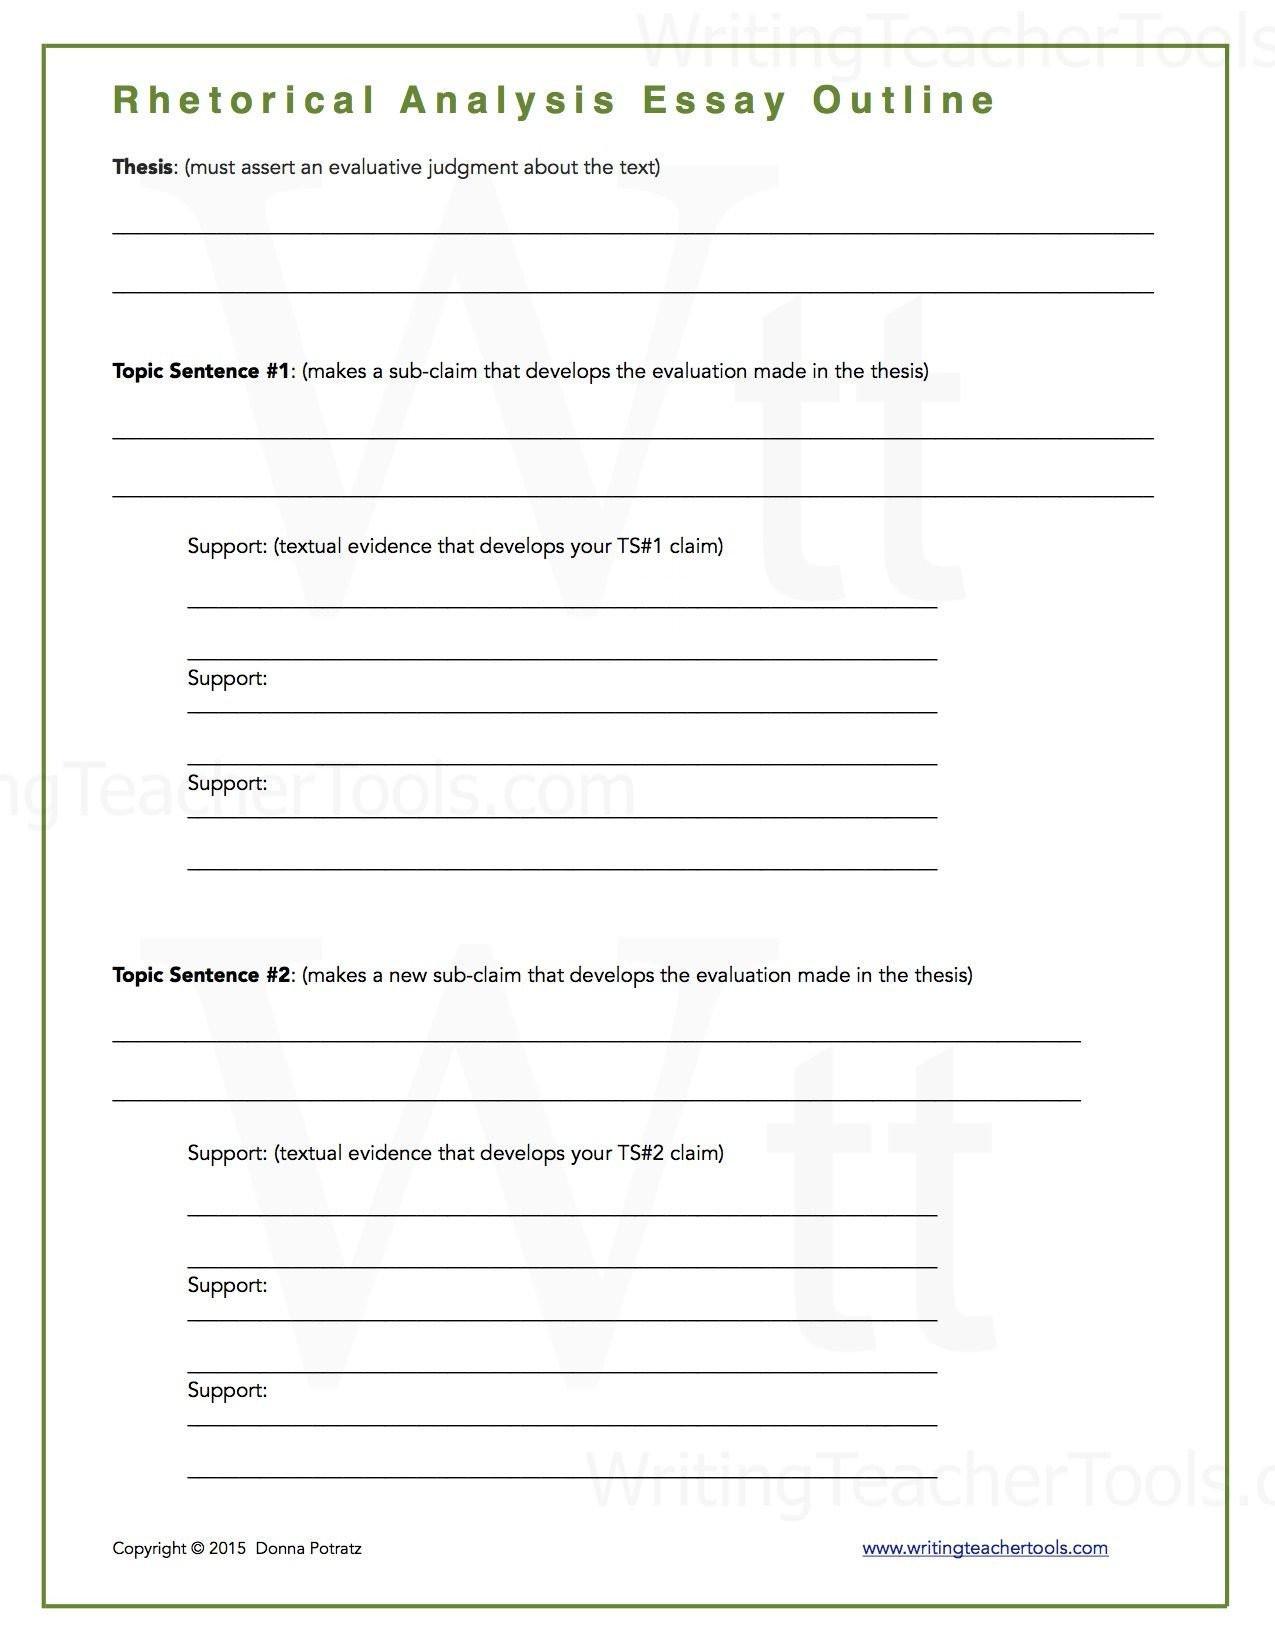 Rhetorical Analysis Outline Worksheet 30 Rhetorical Analysis Outline Worksheet